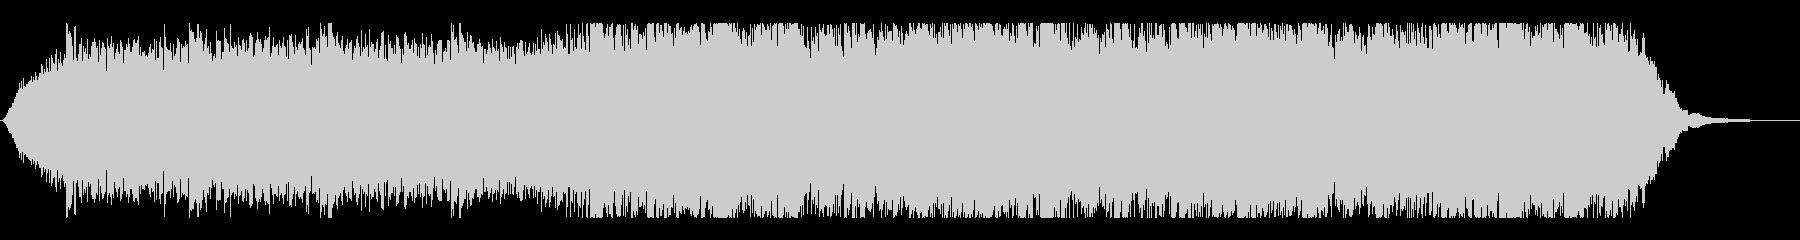 オープニングやプレゼンに最適なBGMの未再生の波形